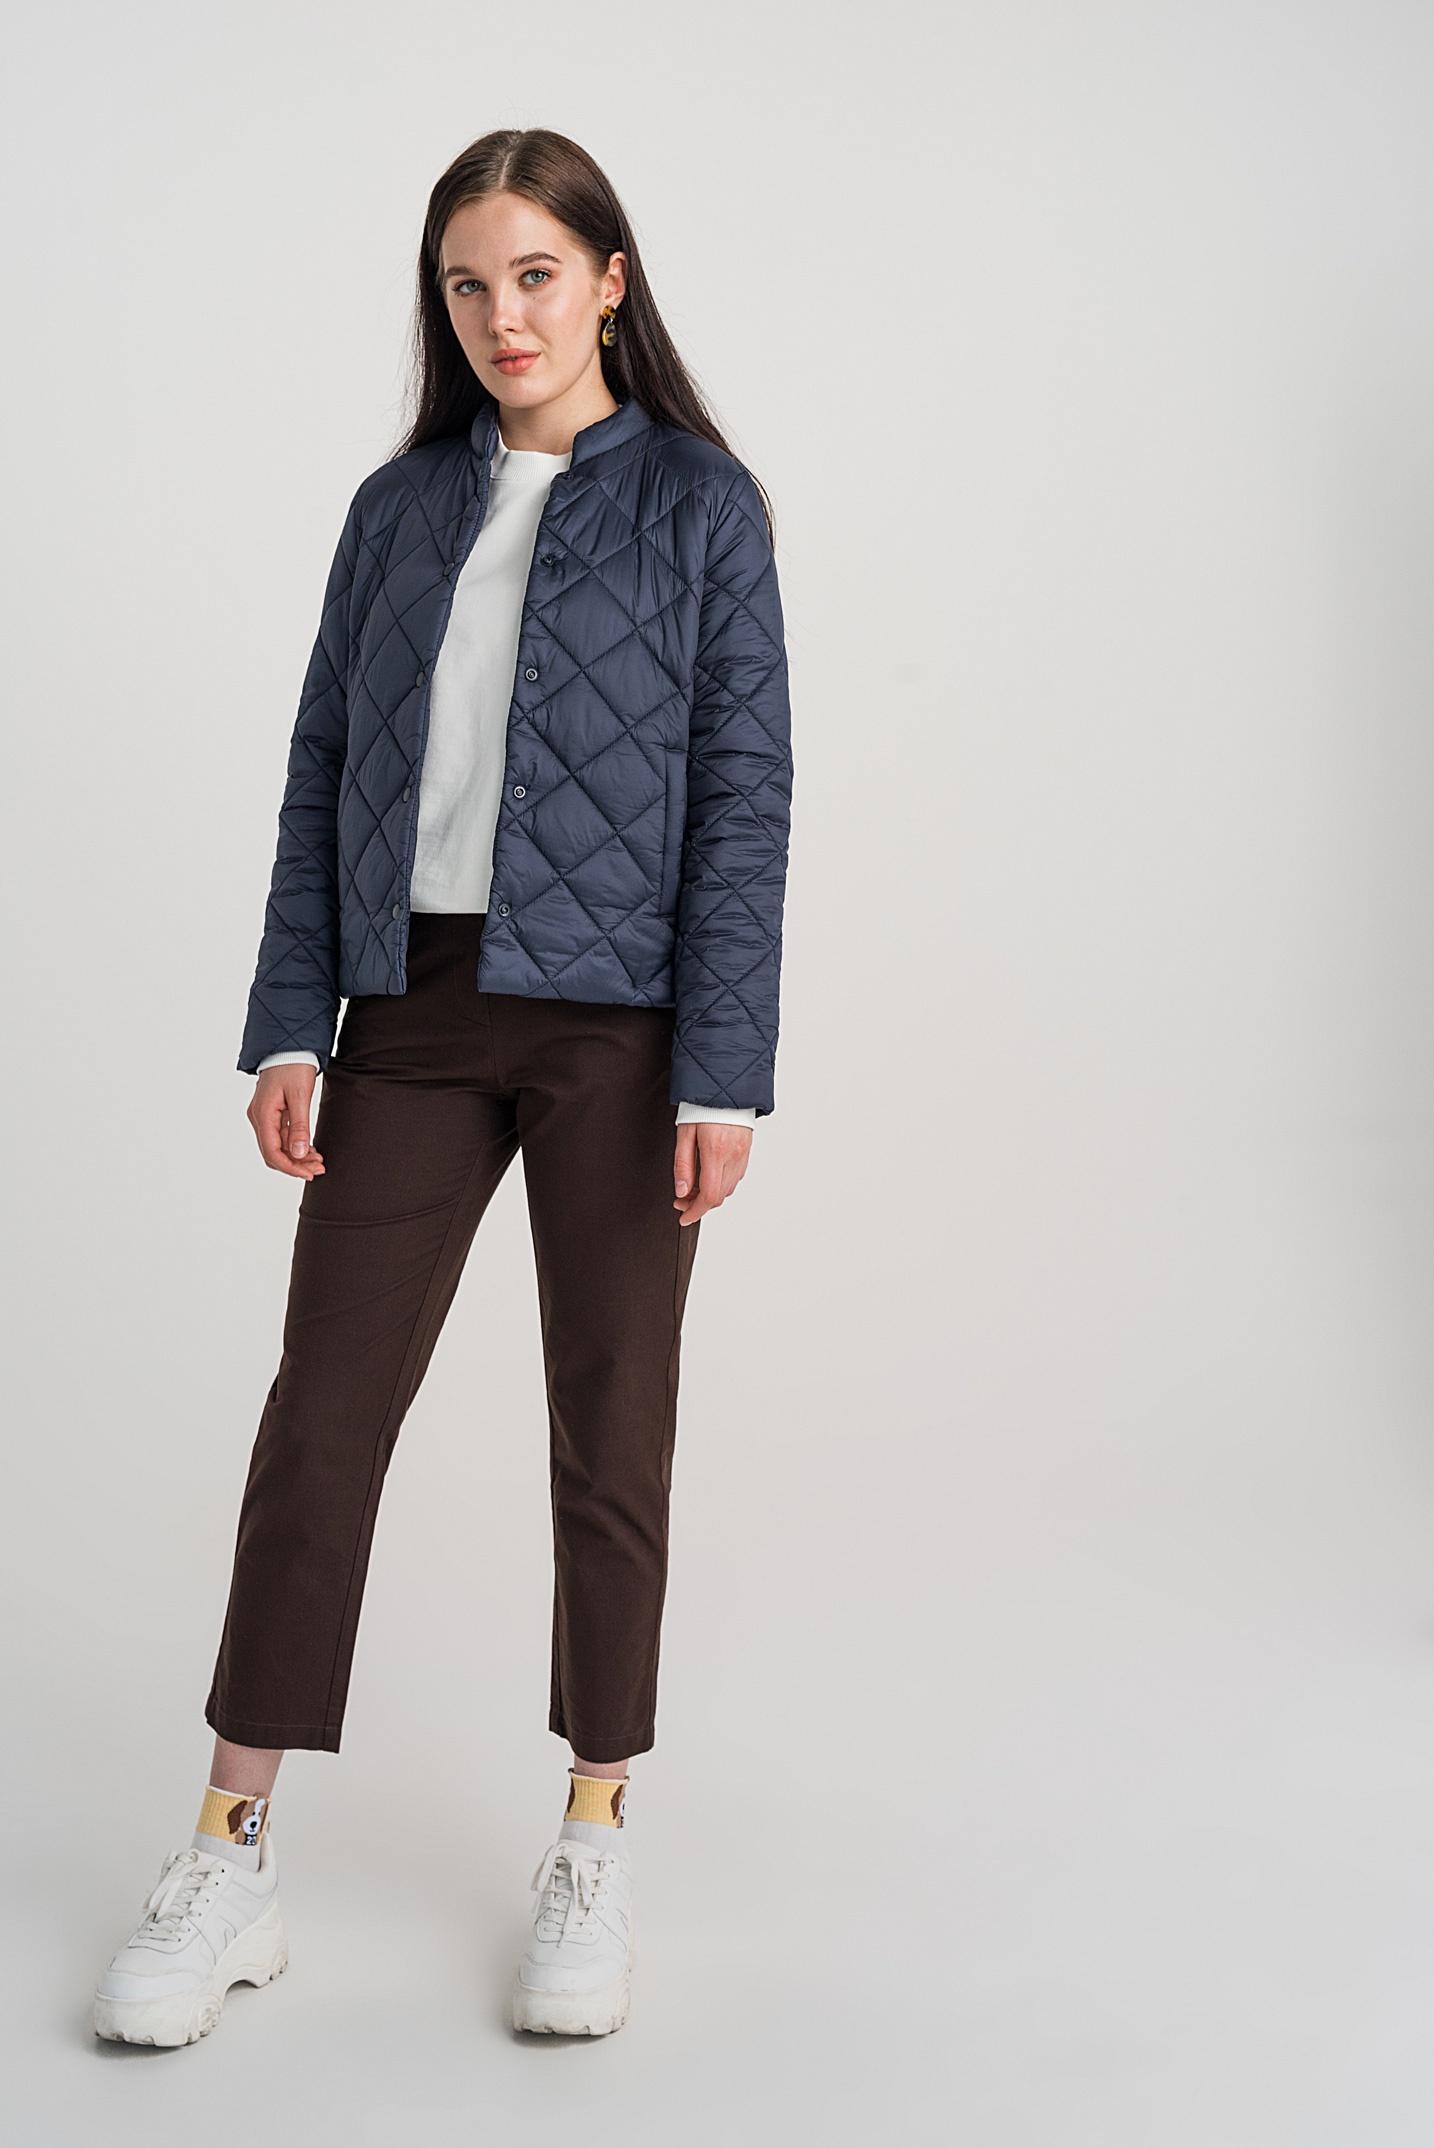 Куртка befree vivaheart корейский случайный свободный письмо печать футболка шея короткий рукав куртка женский vwtd174142 черный s